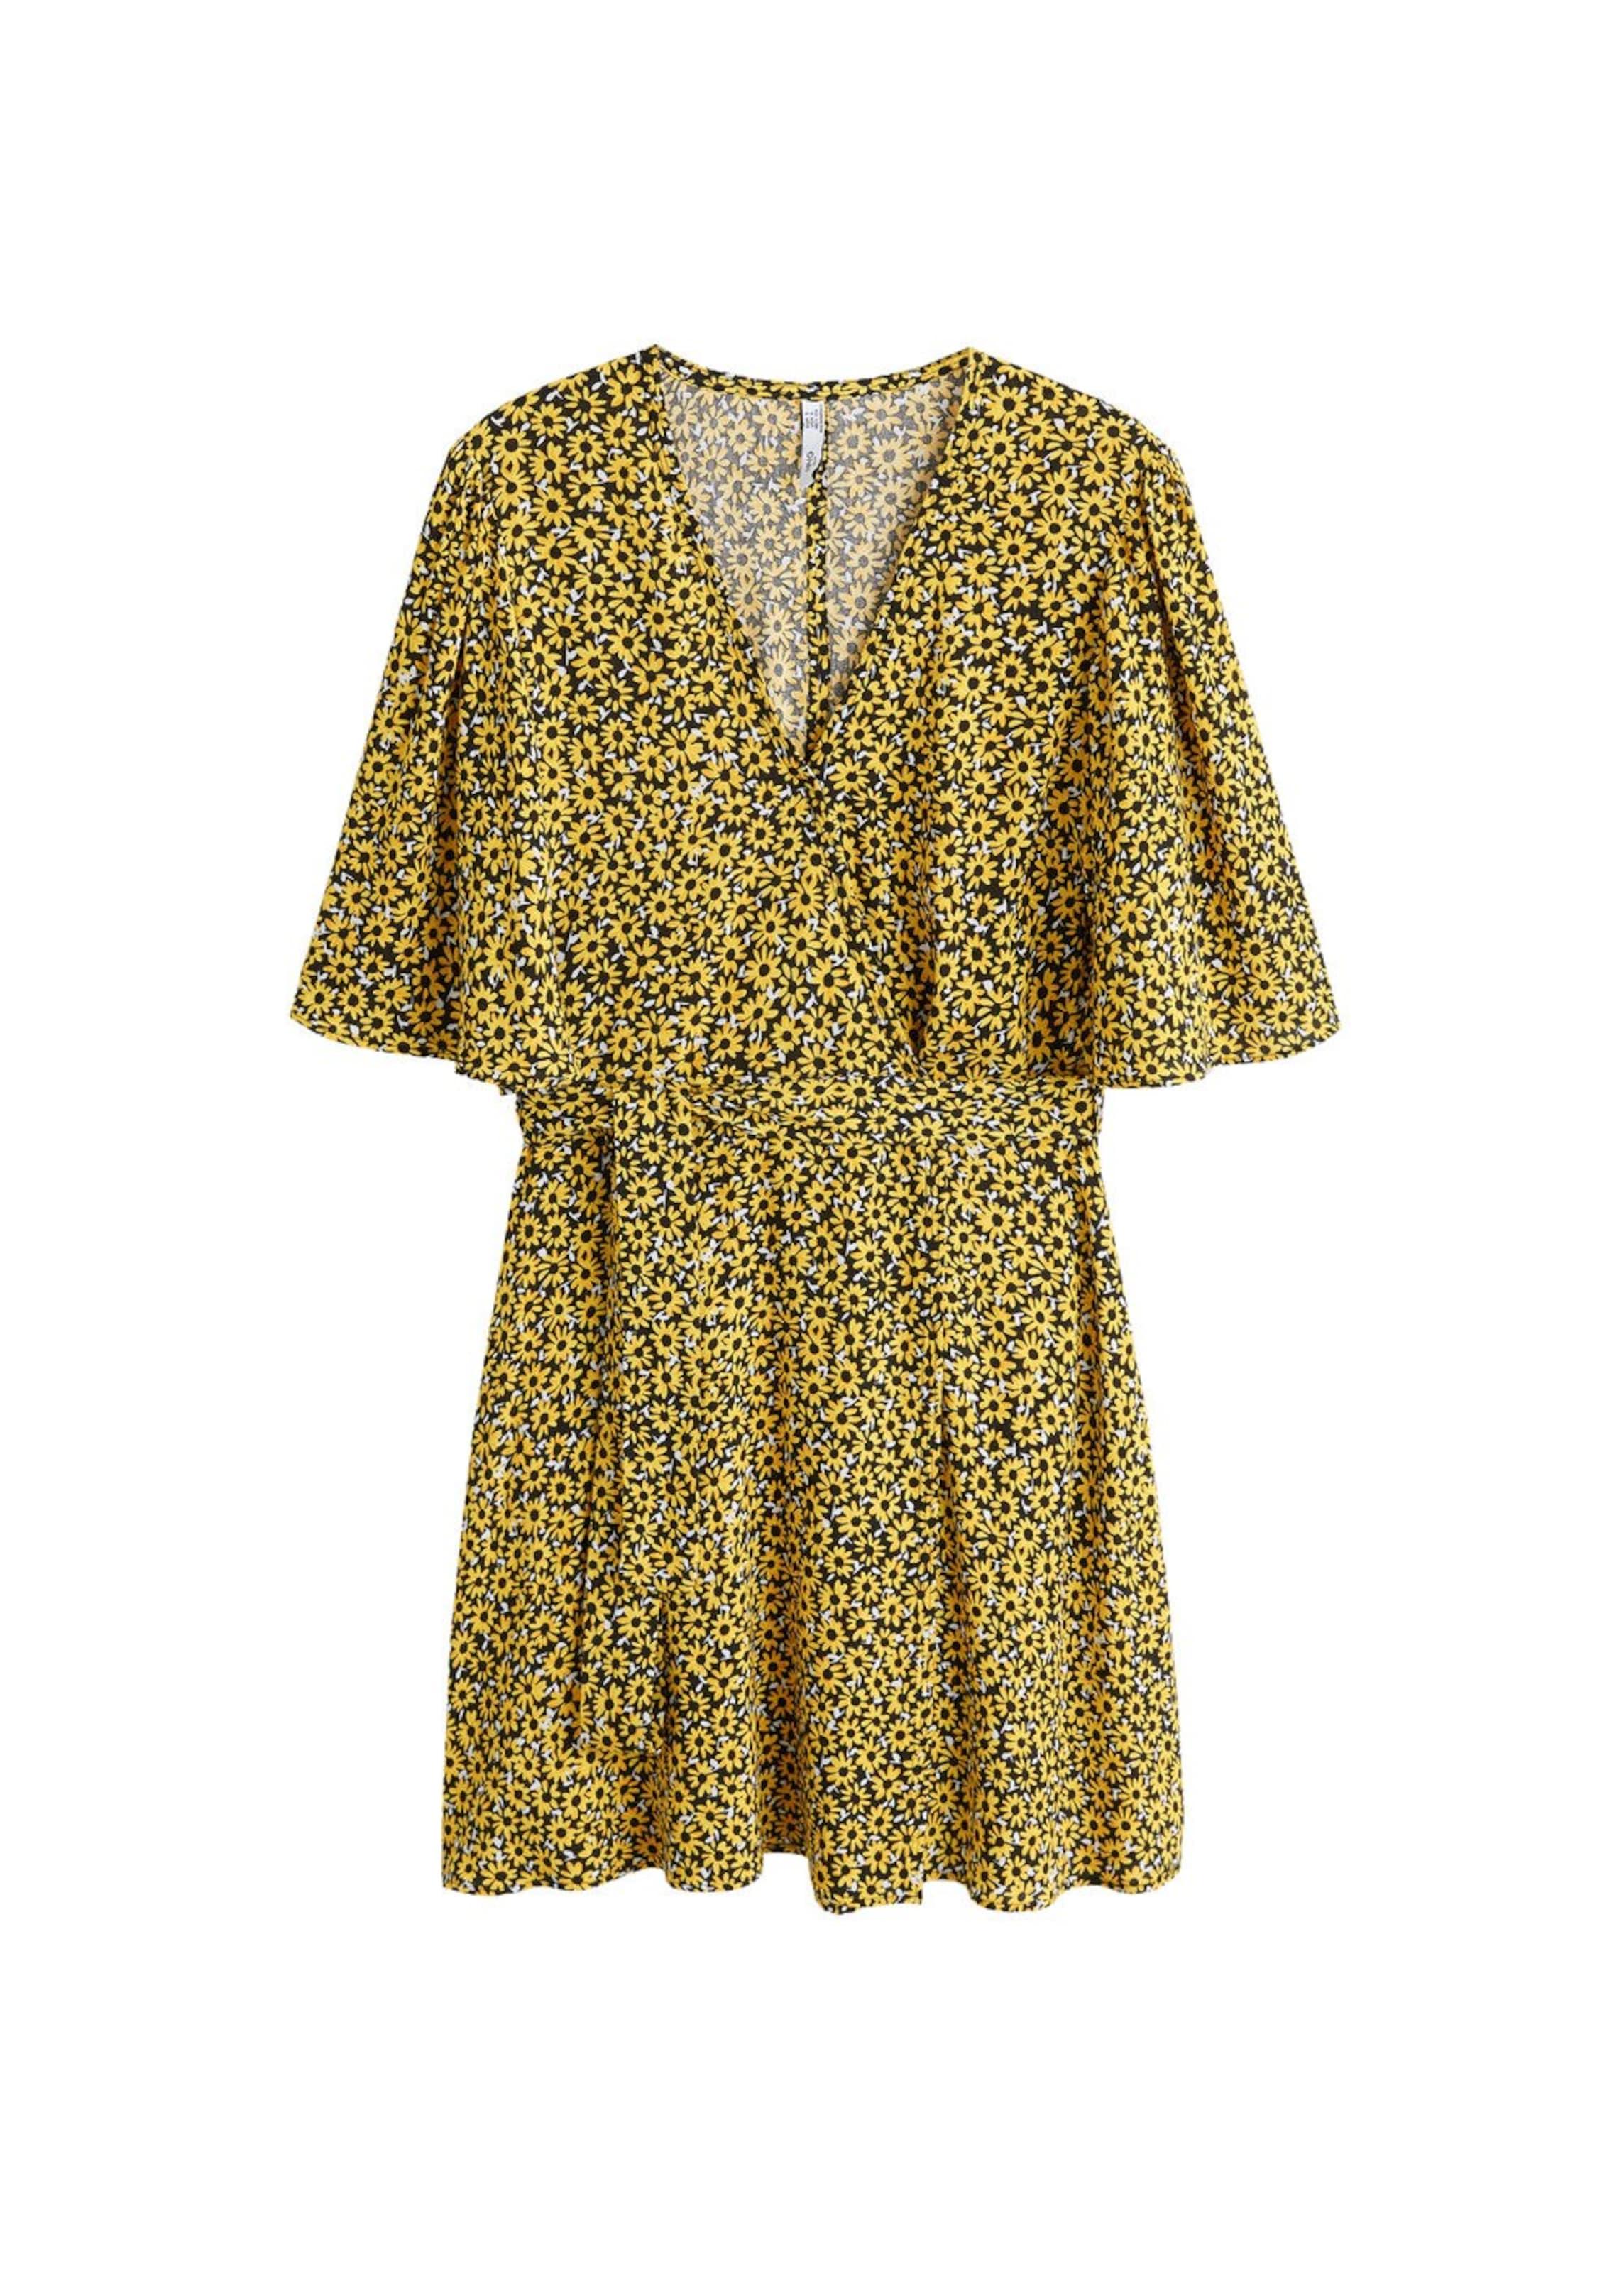 GelbSchwarz Kleid Mango Weiß In 'camile' nNOvmw80